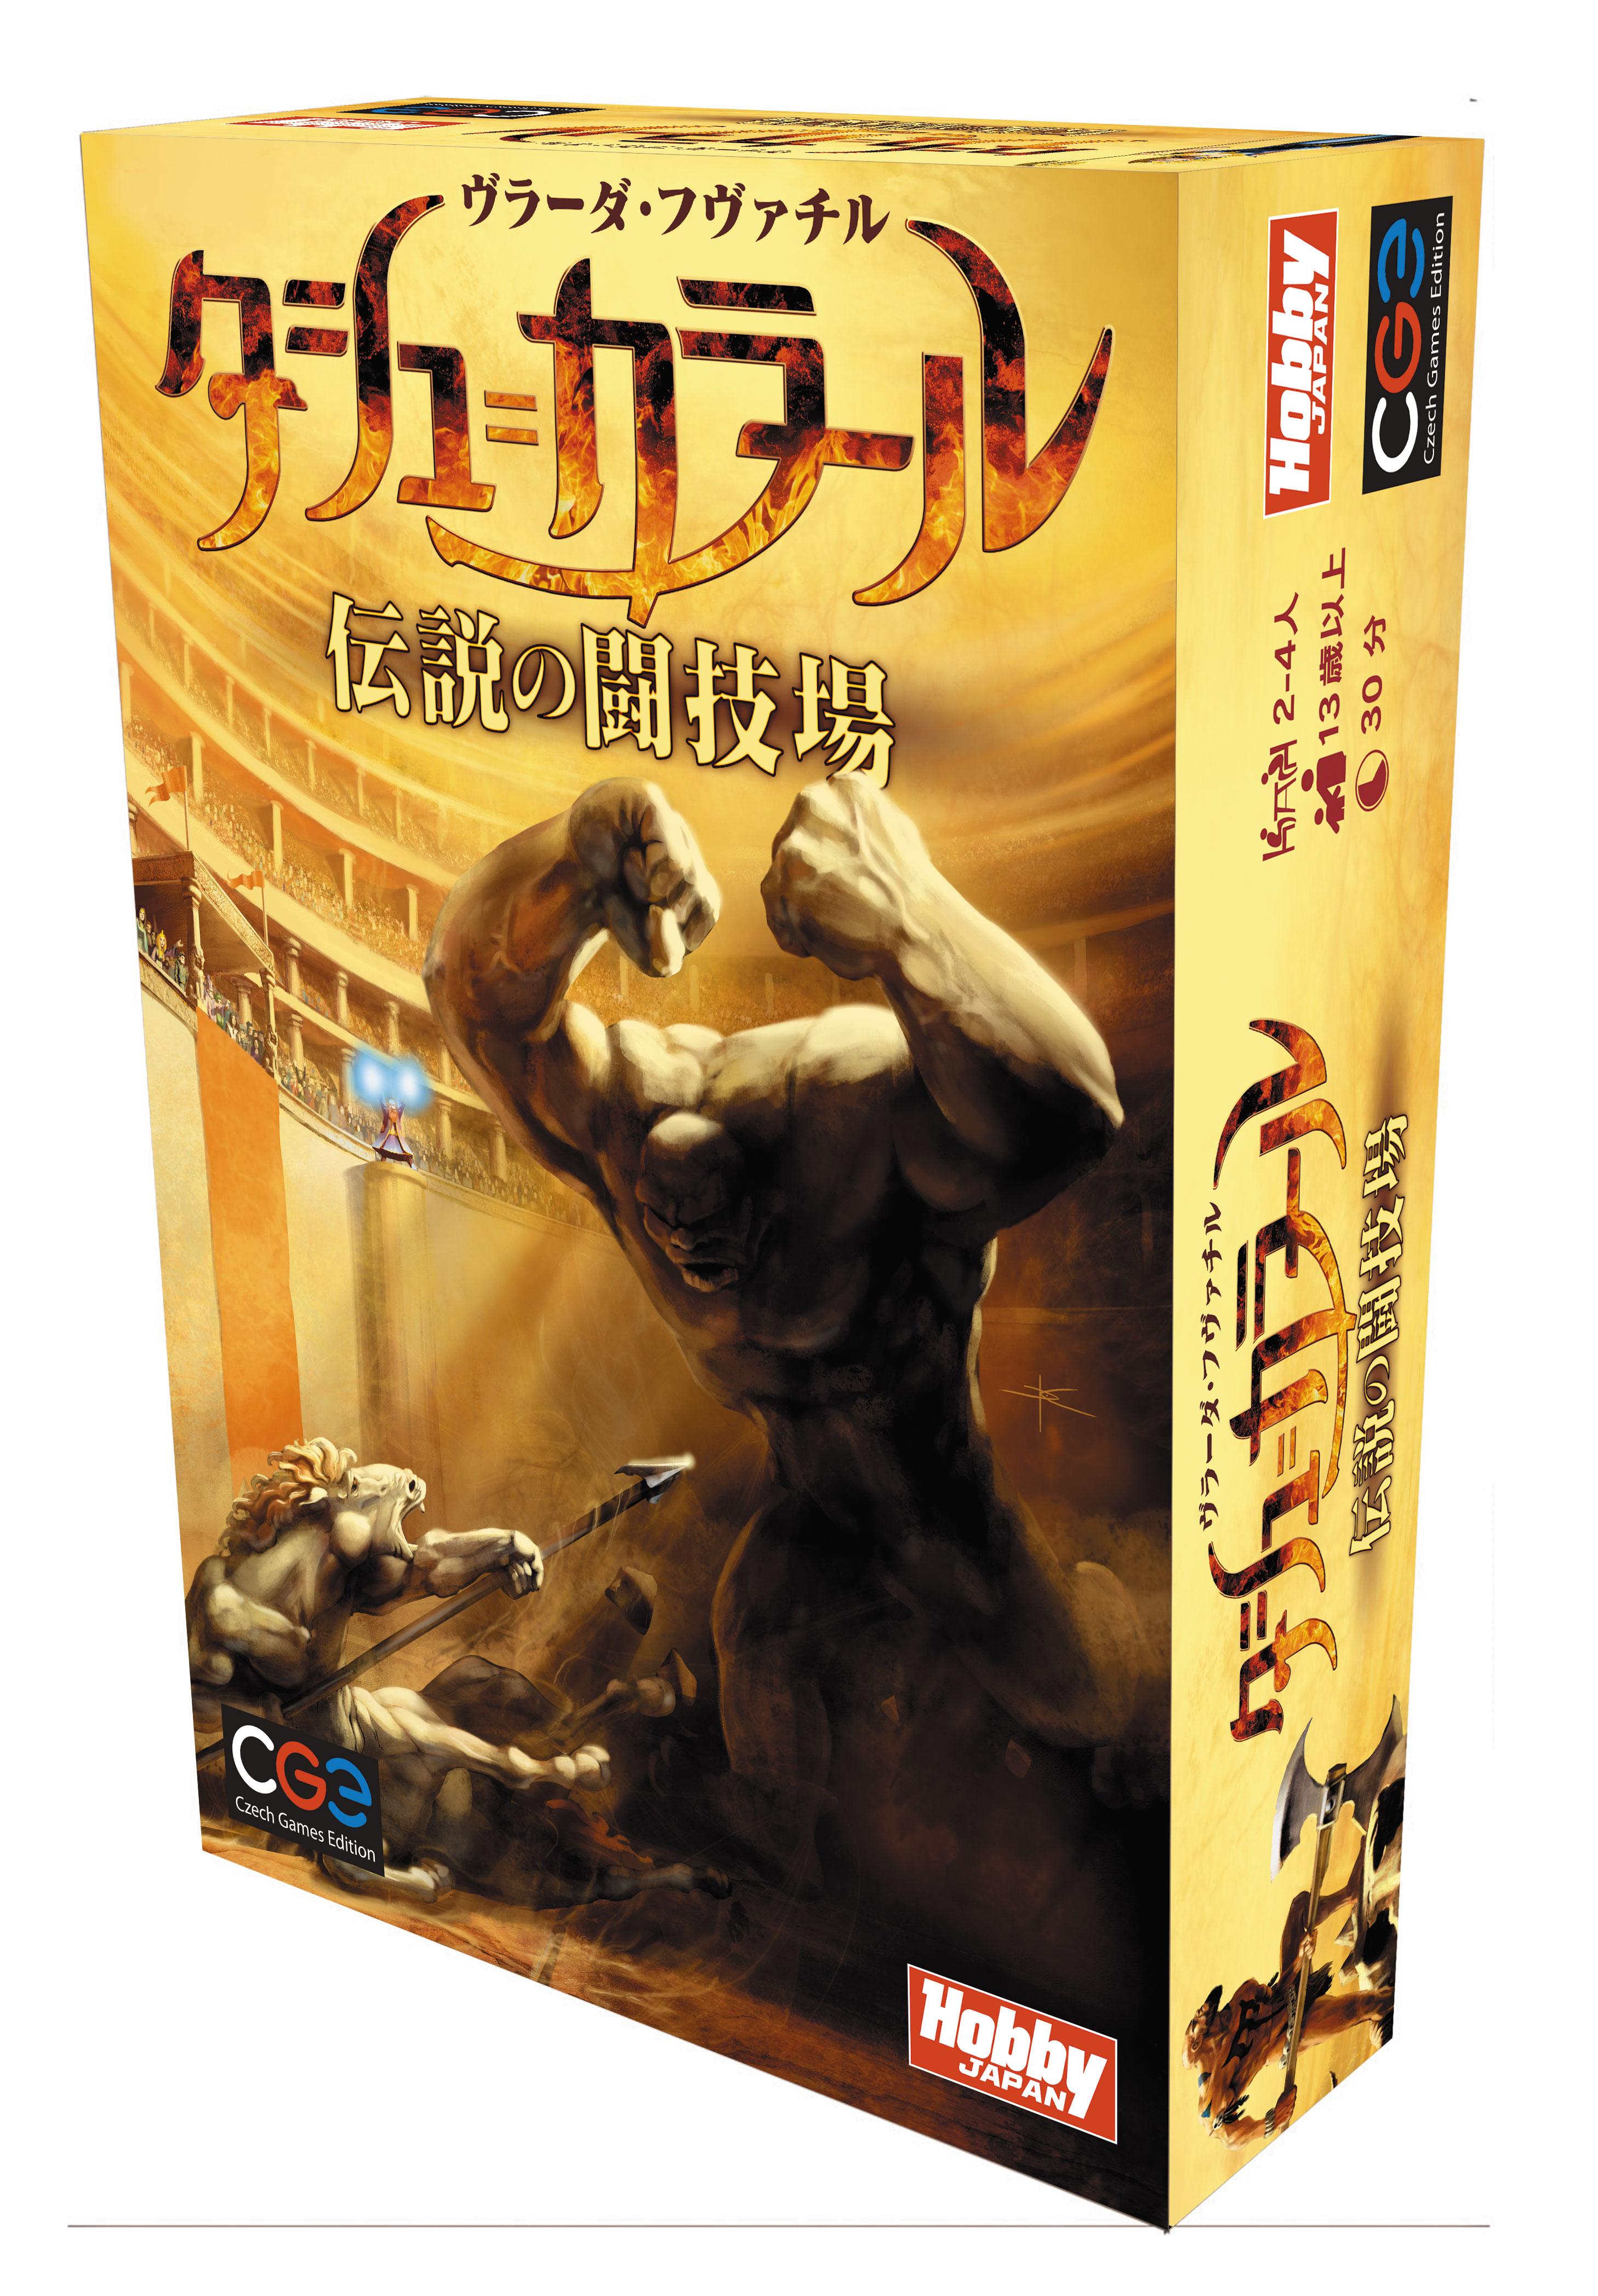 box_tash_kalar_jp